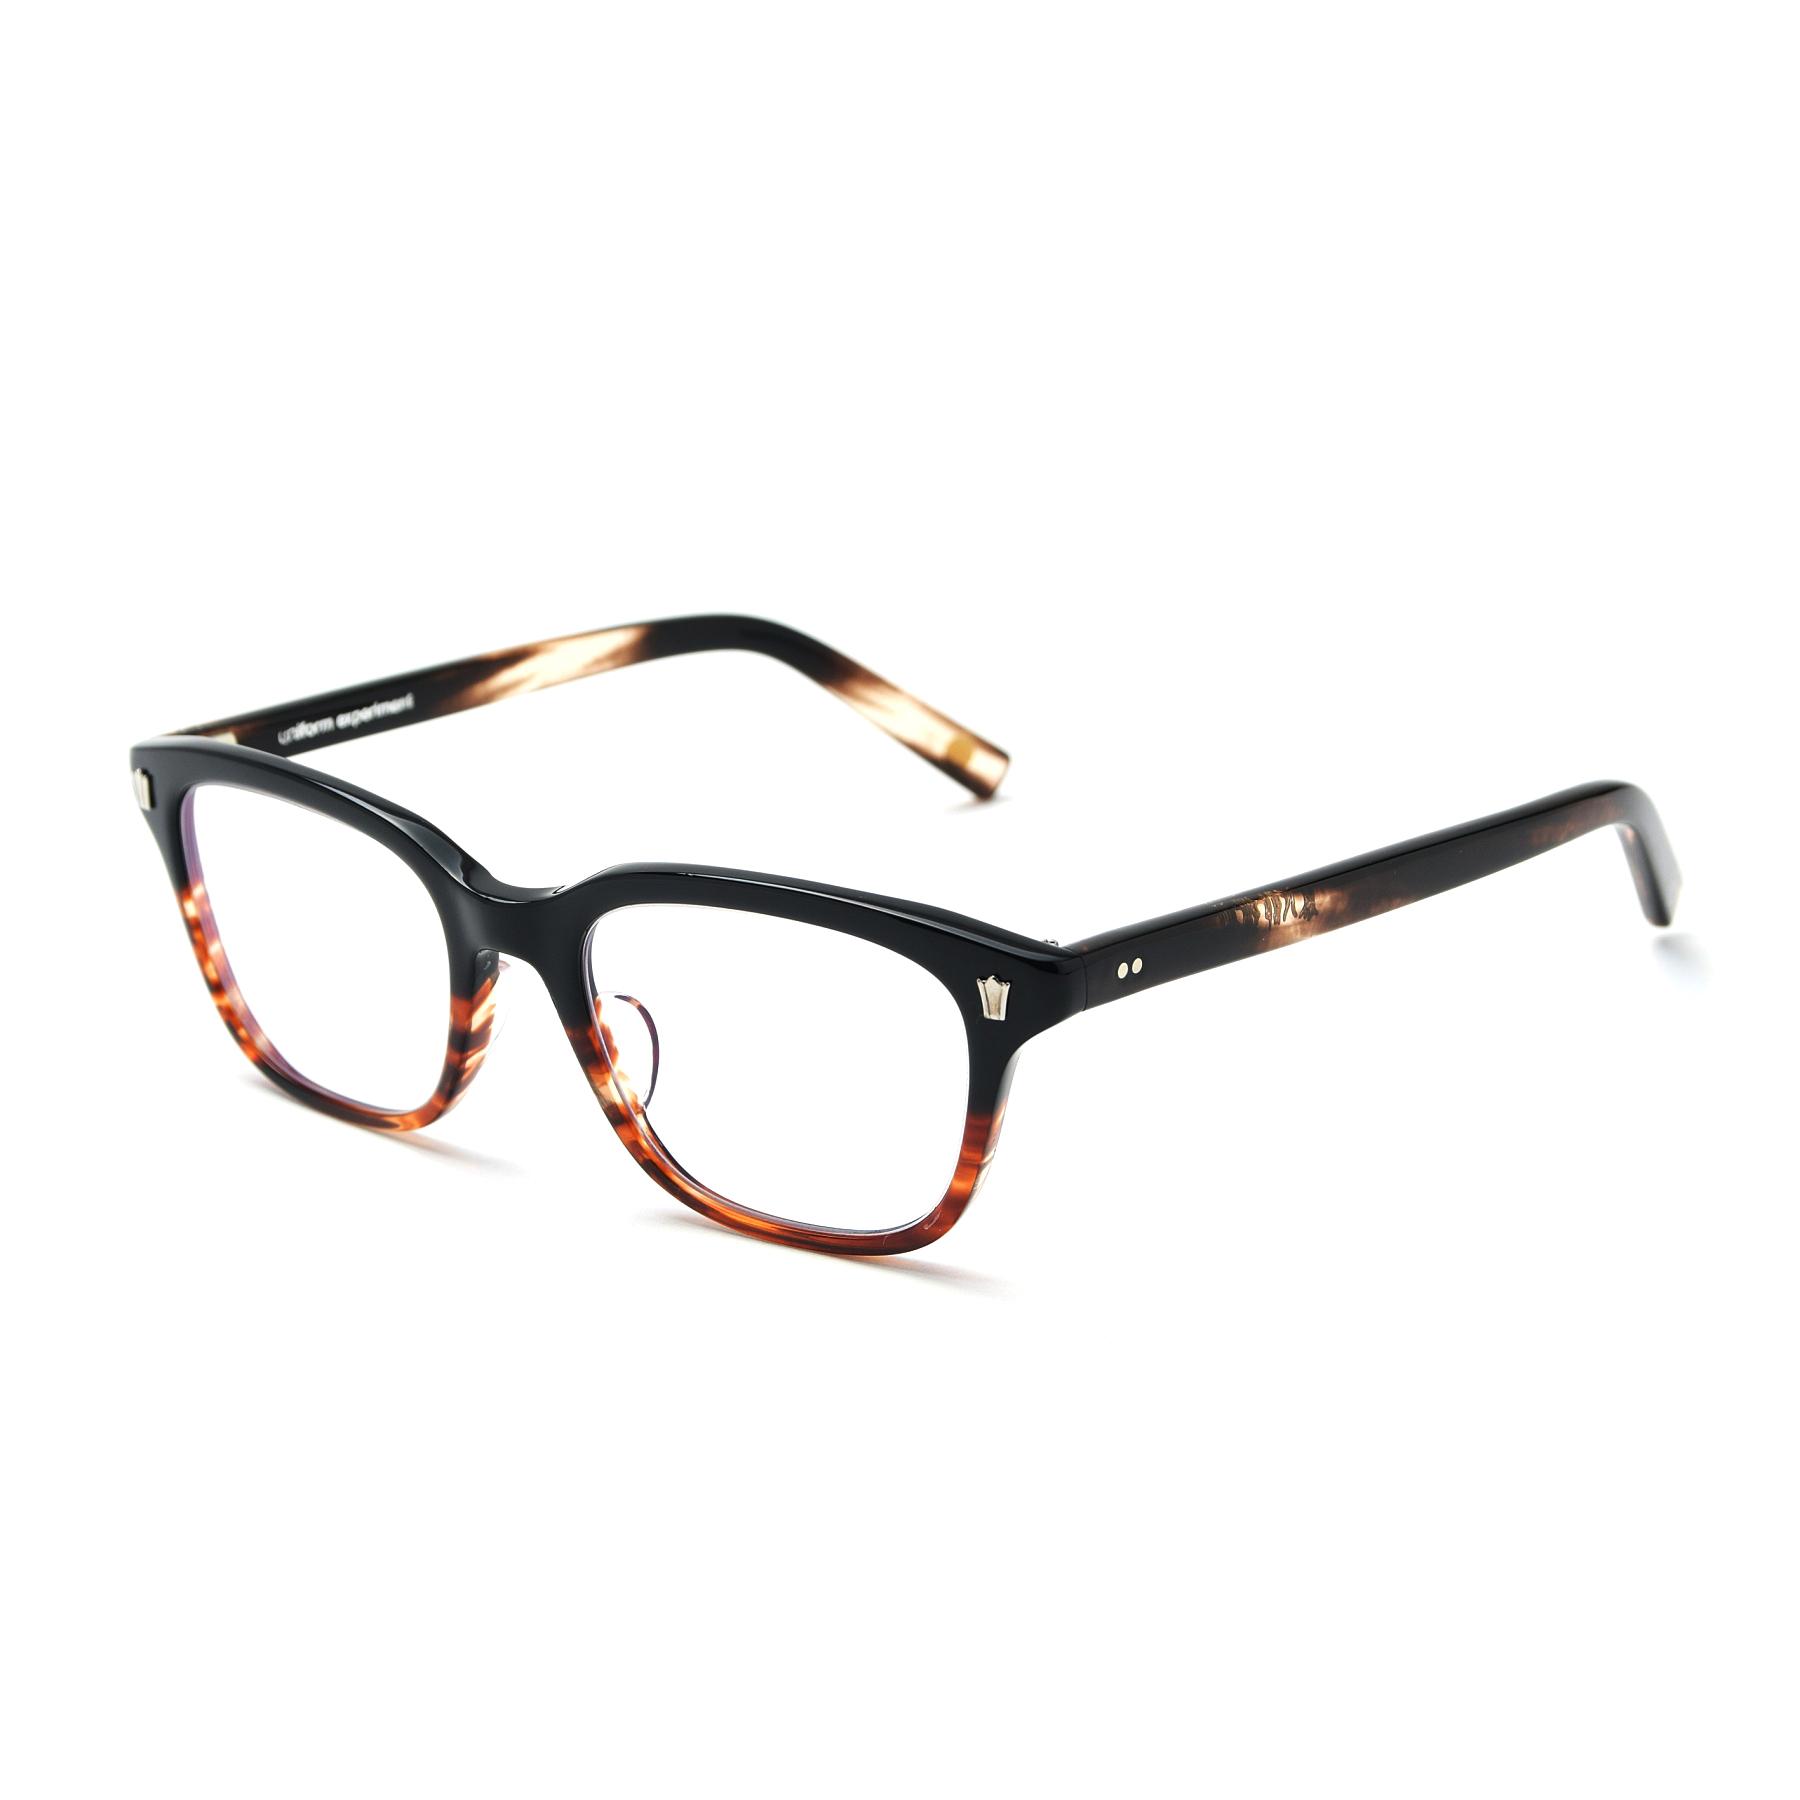 uniform experiment / 泰八郎謹製 GLASSES (Brown)